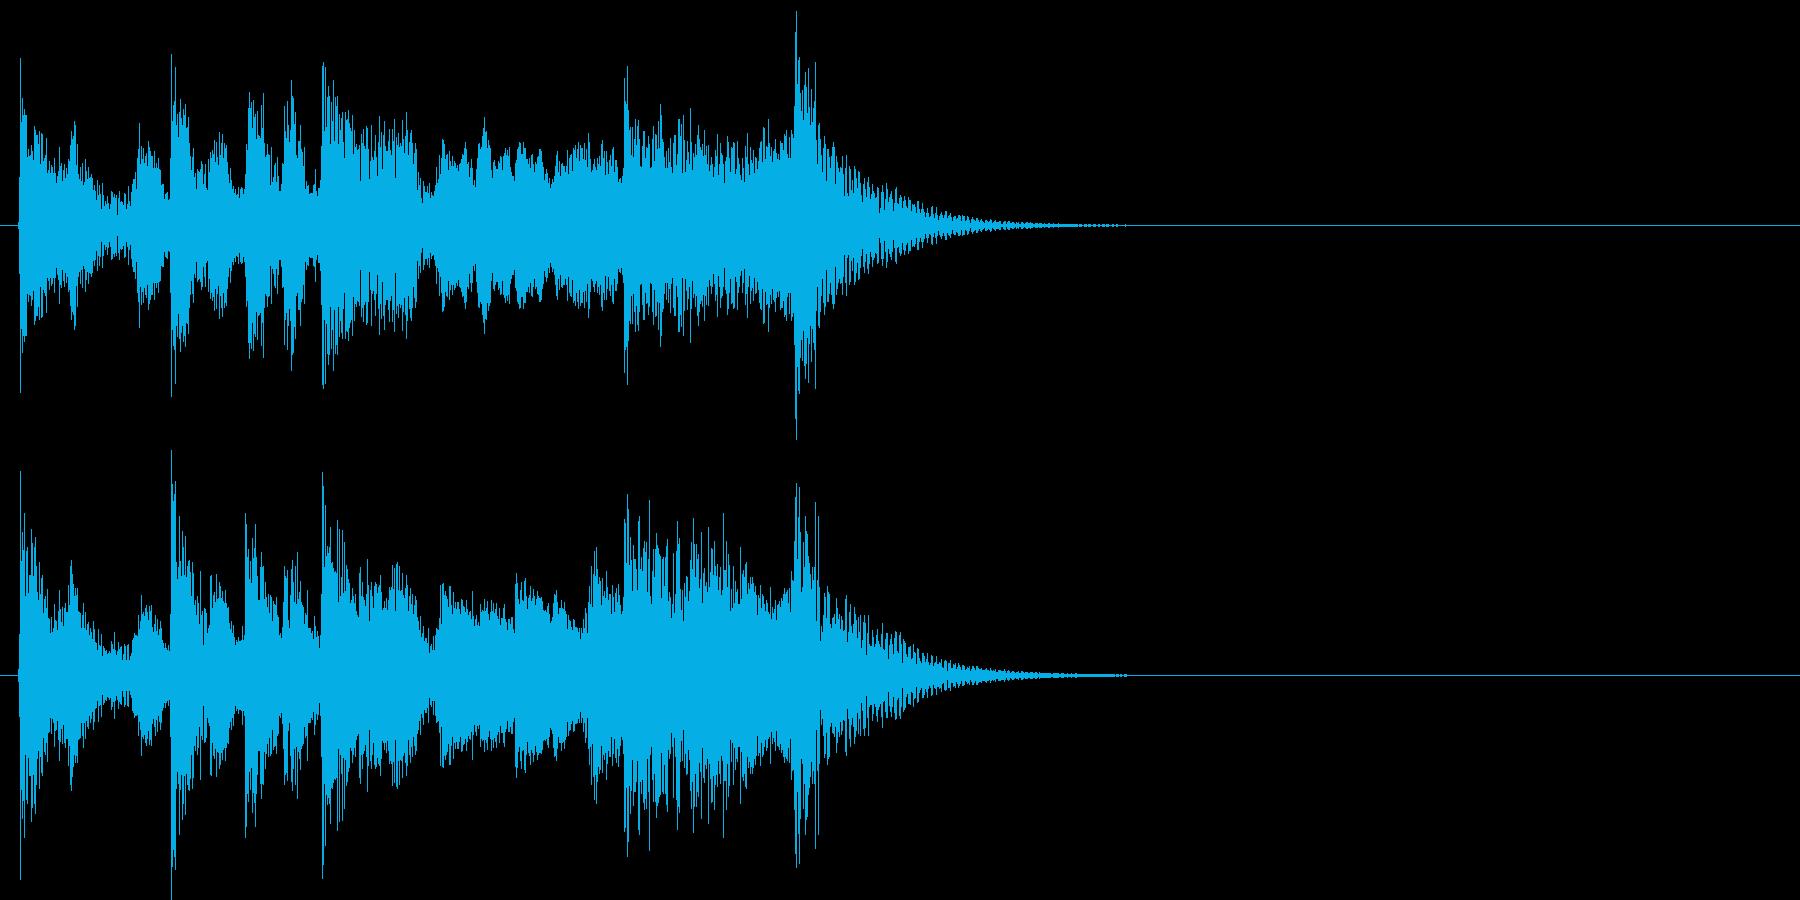 演歌なジングル アイキャッチ 6の再生済みの波形